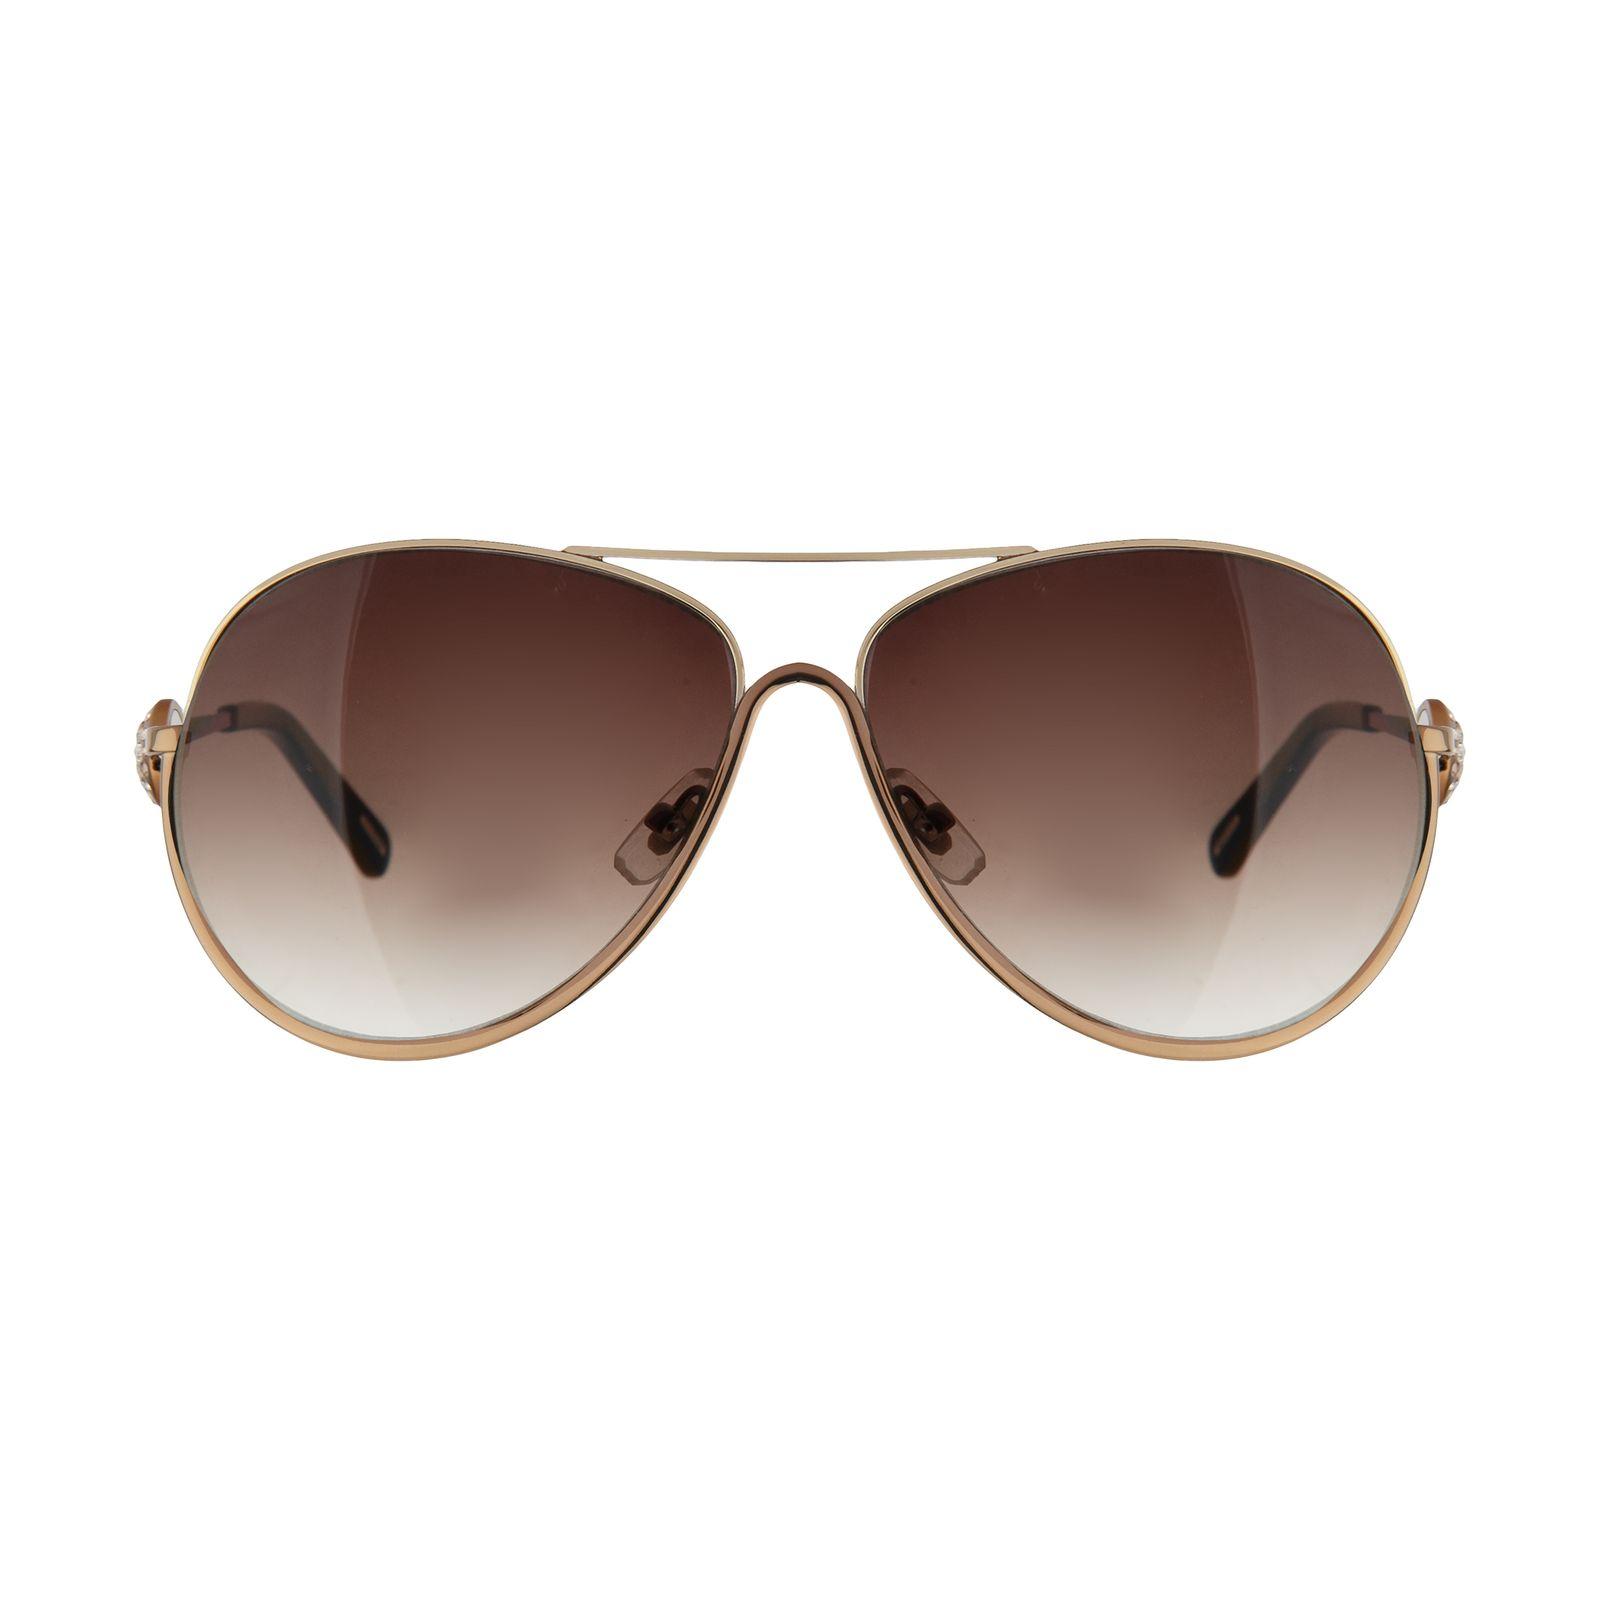 عینک آفتابی زنانه شوپارد مدل 23 -  - 2